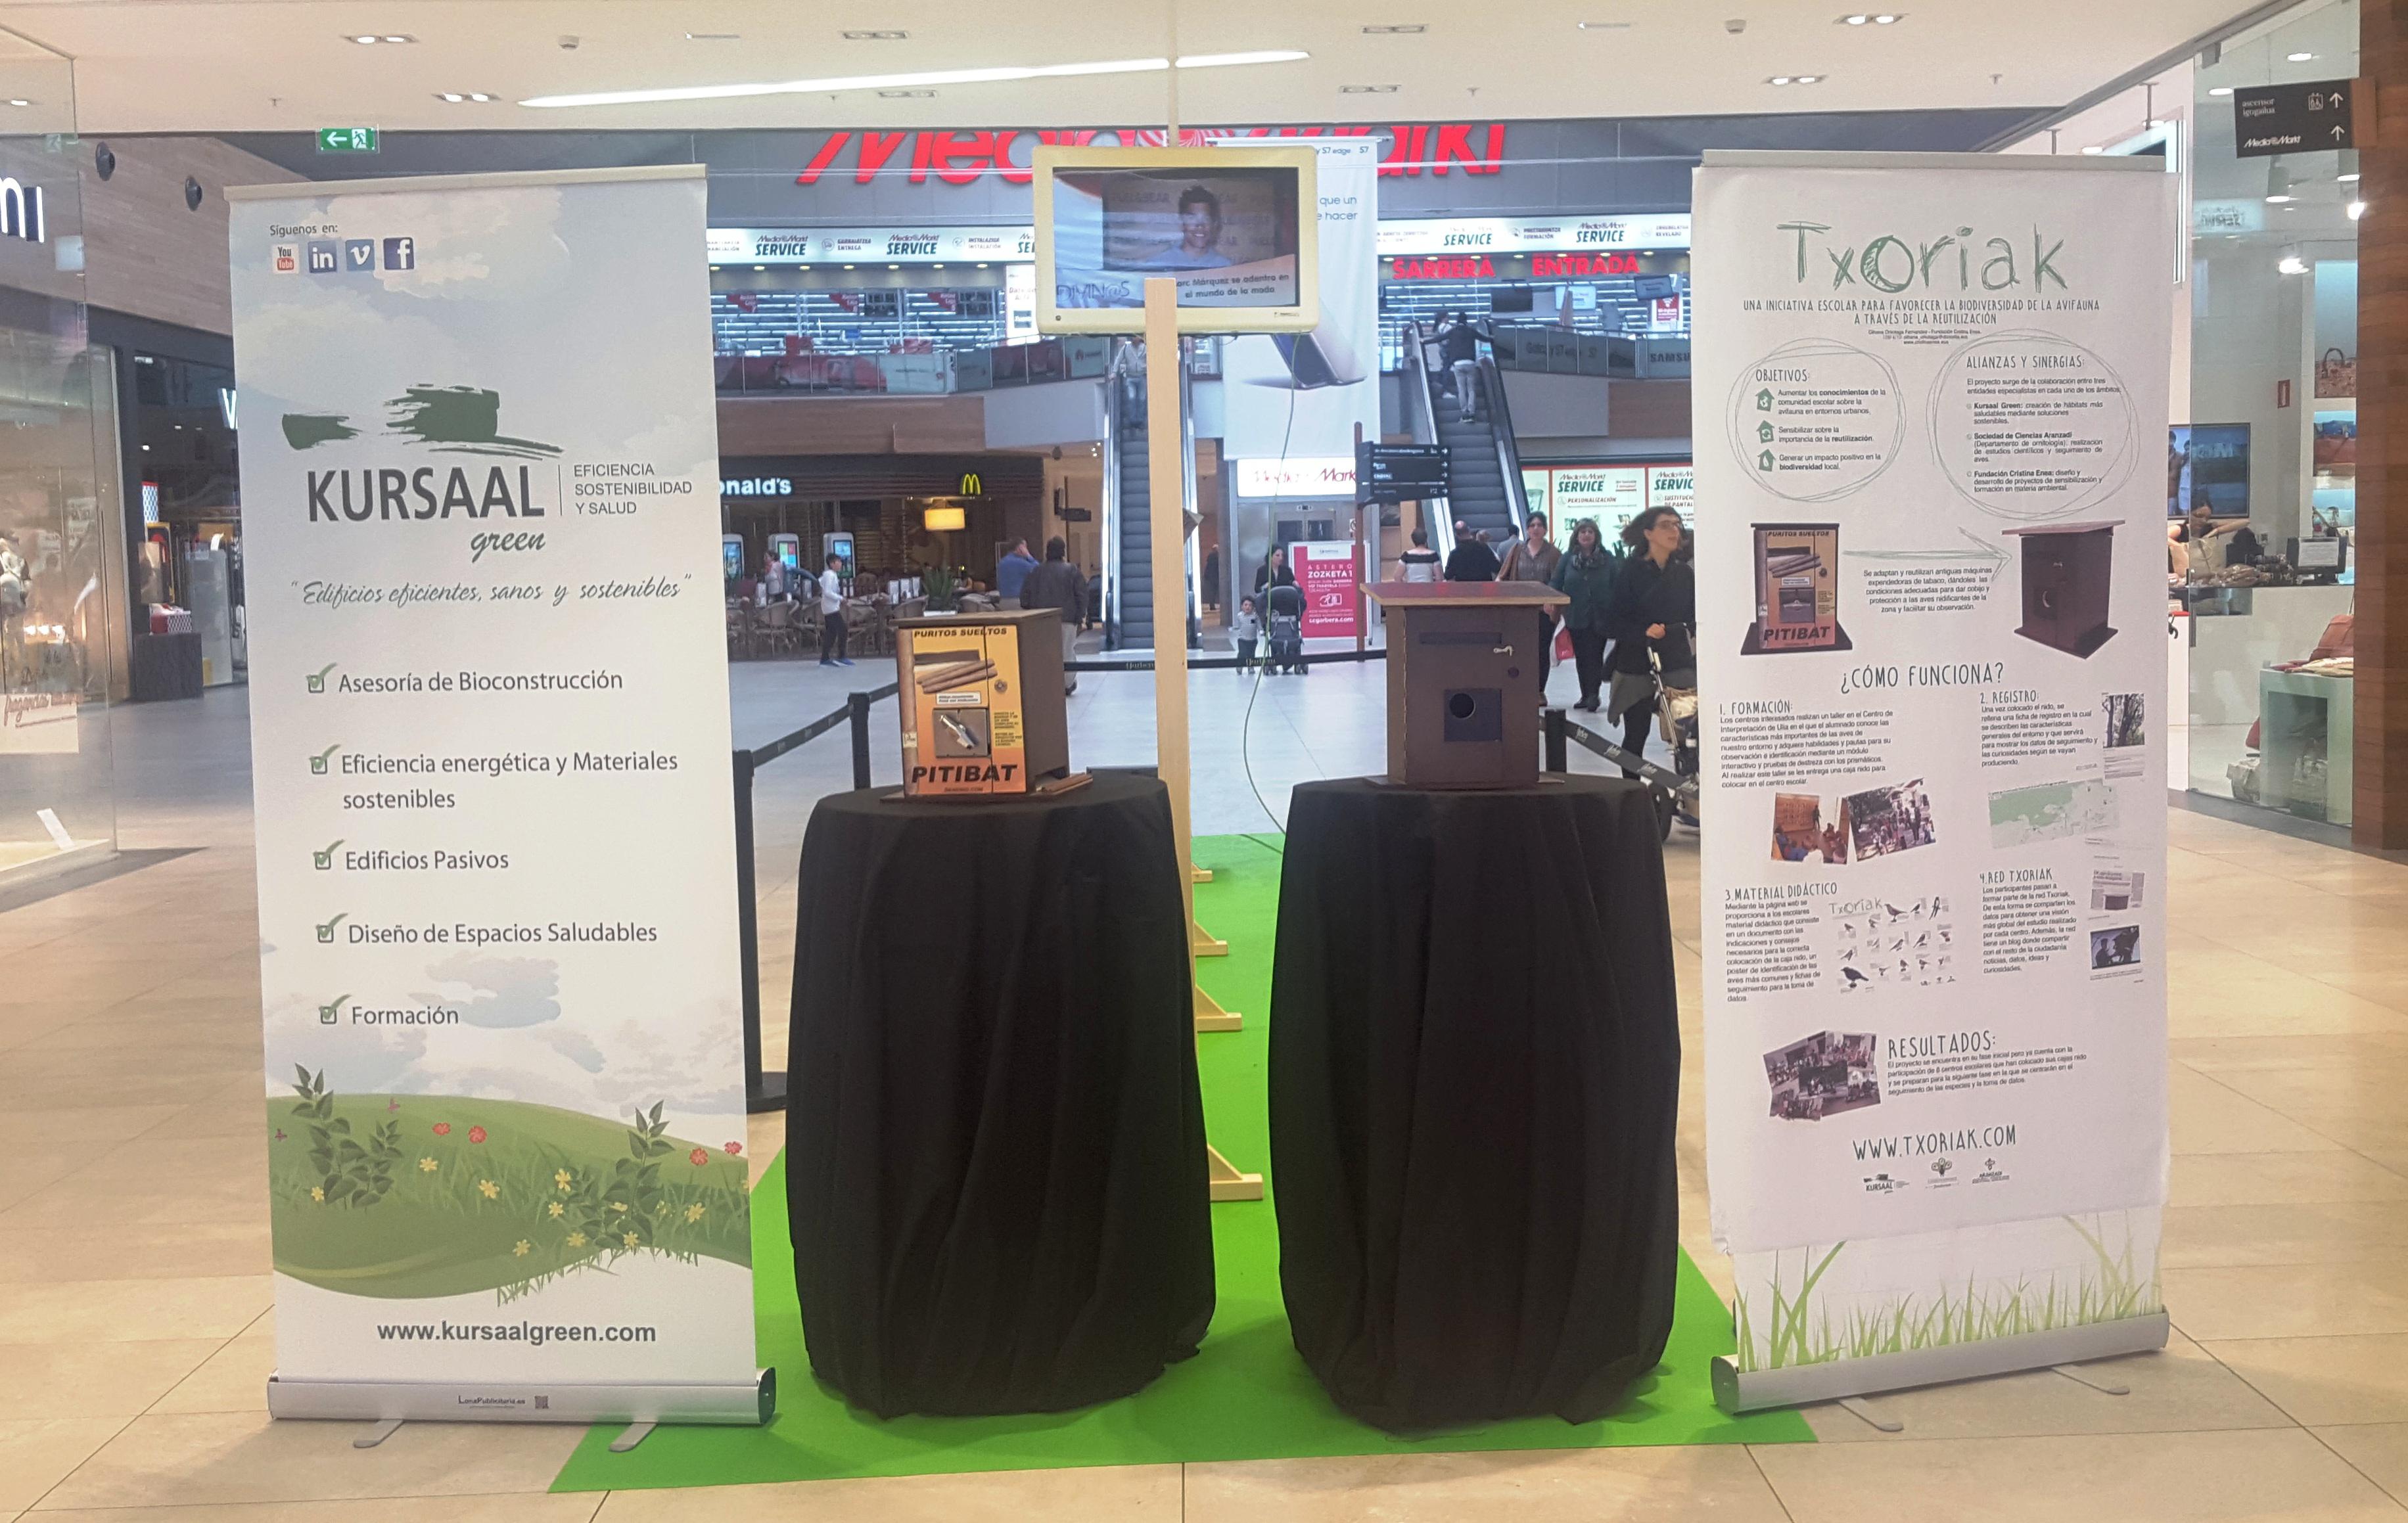 foto noticia: Kursaal Green, Cristina Enea Fundazioa y Aranzadi inauguramos la Exposición Txoriak en Garbera